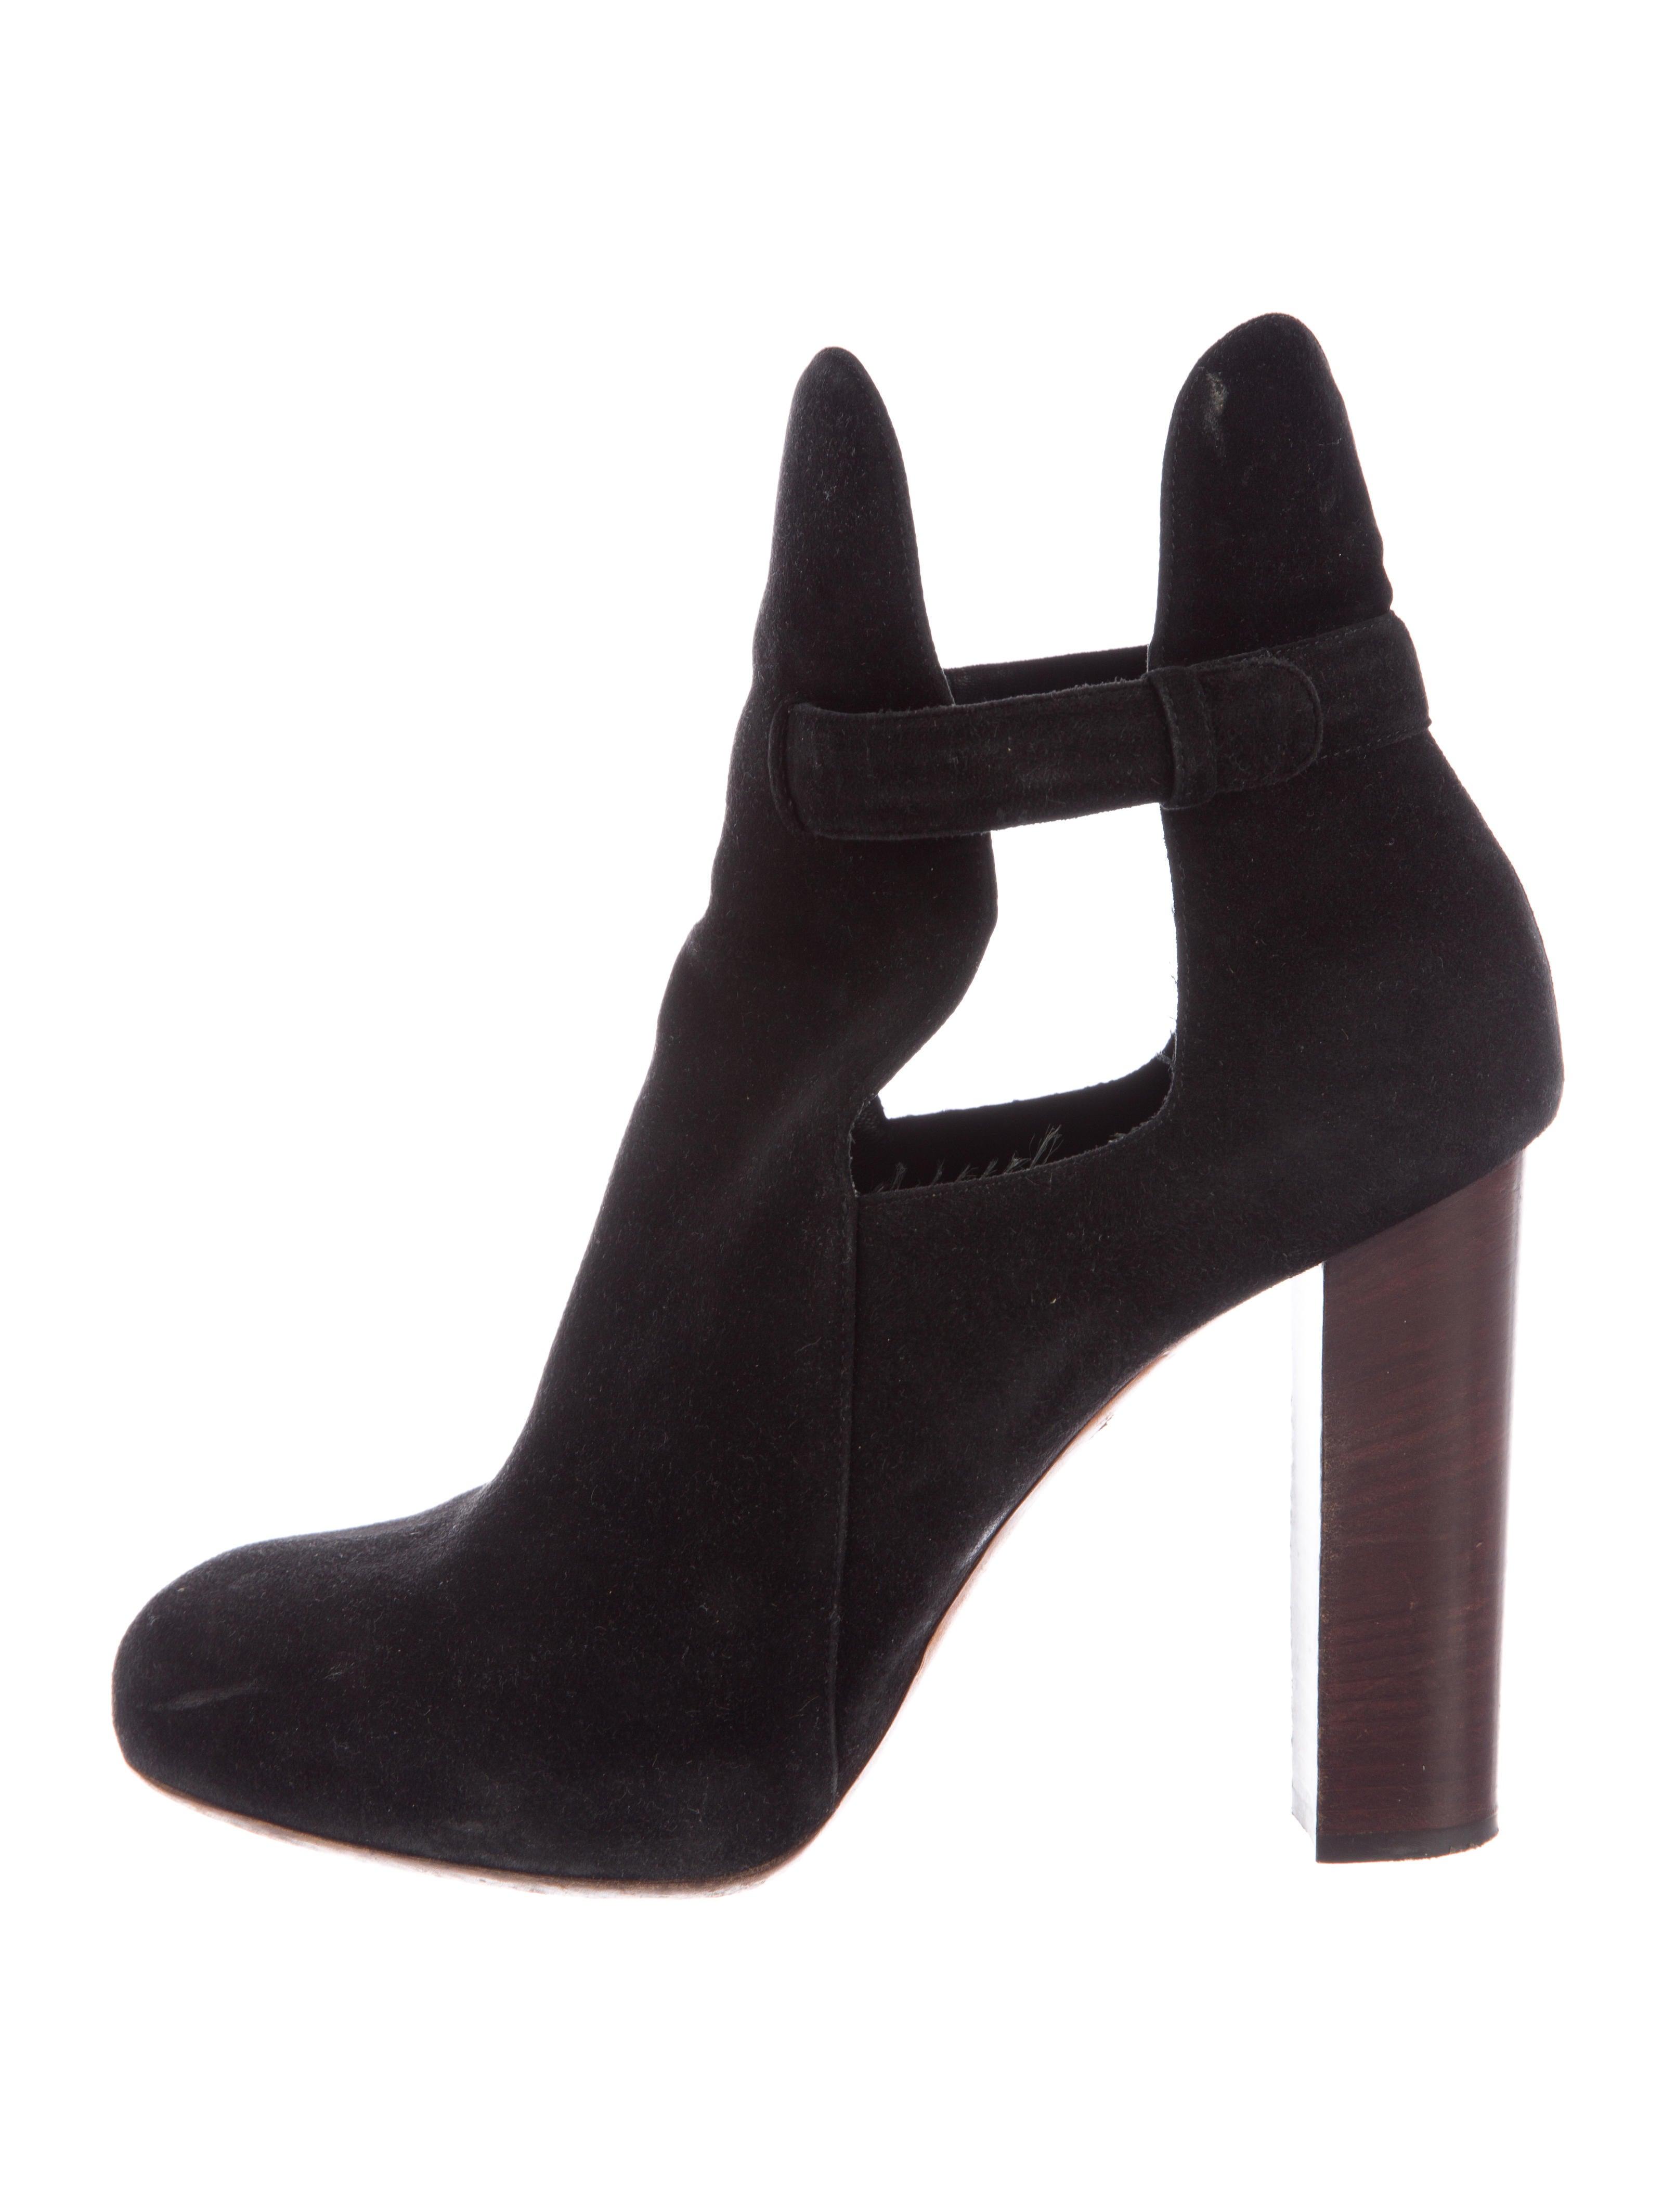 Céline Suede Round-Toe Booties outlet huge surprise sale low cost Qzob0z5iuH